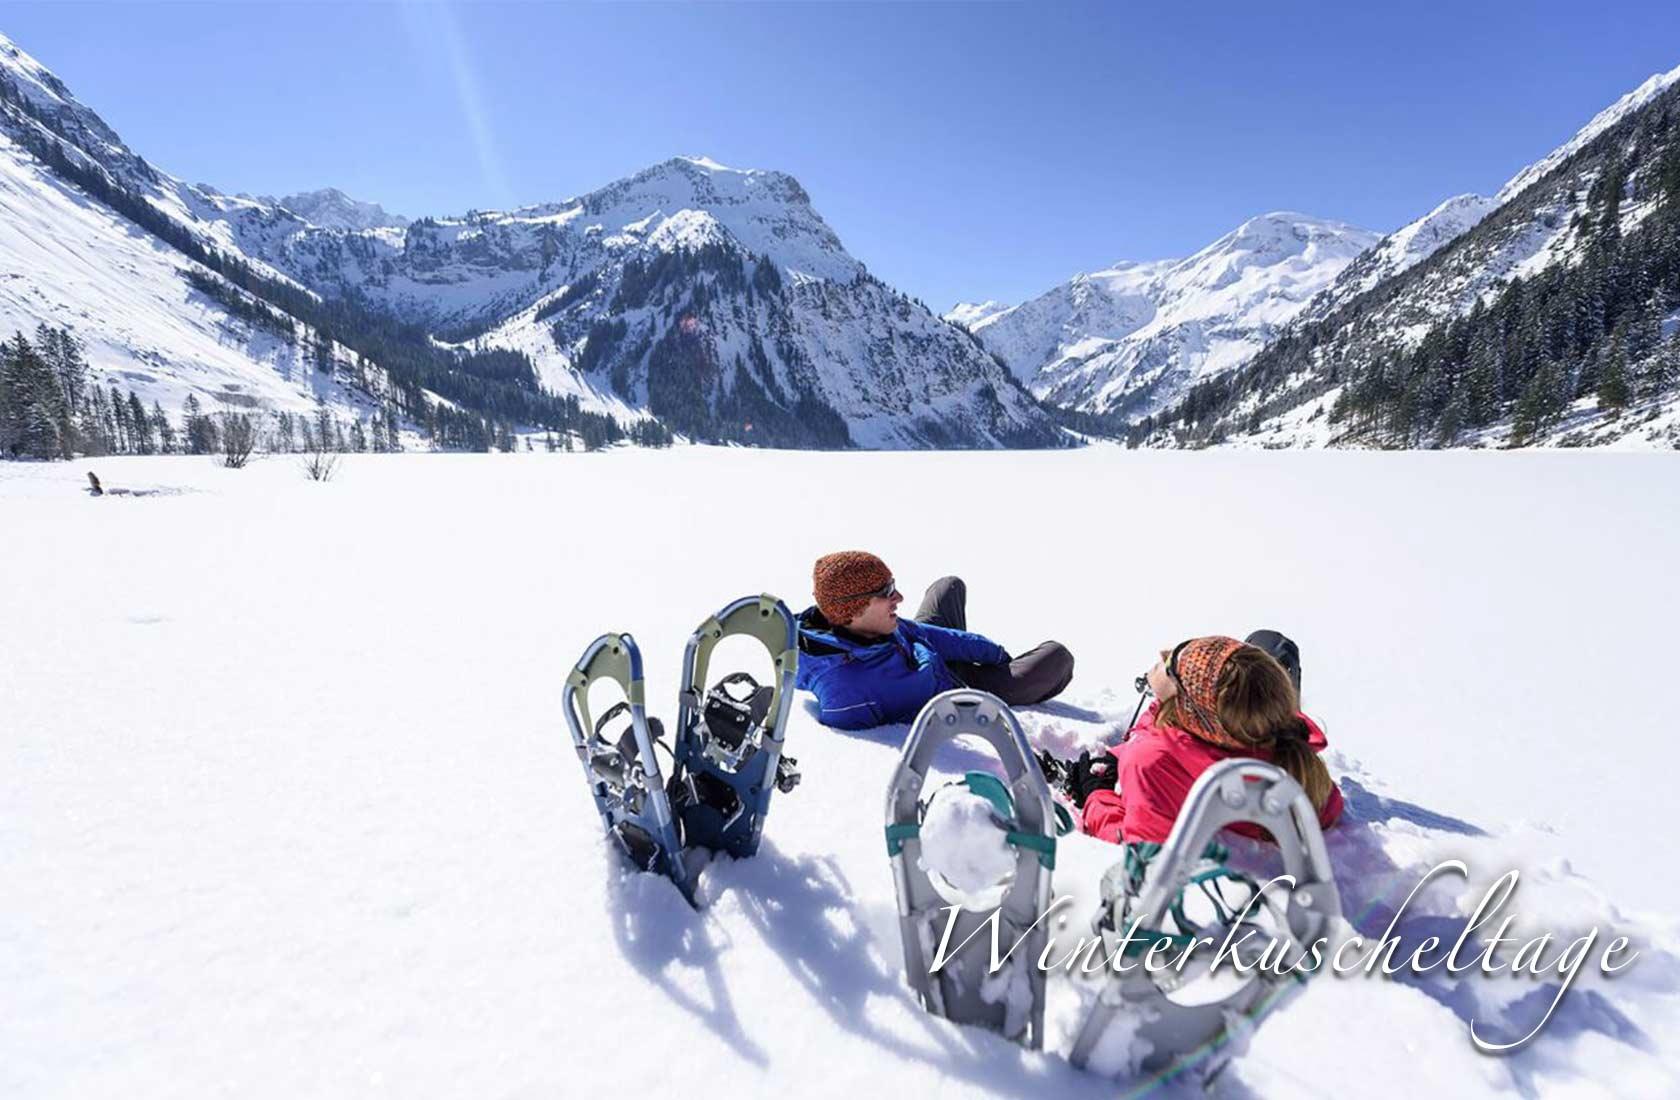 Winterkuscheltage - Gemütliche Tage zur Winterzeit - Winter am See im Hotel Via Salina